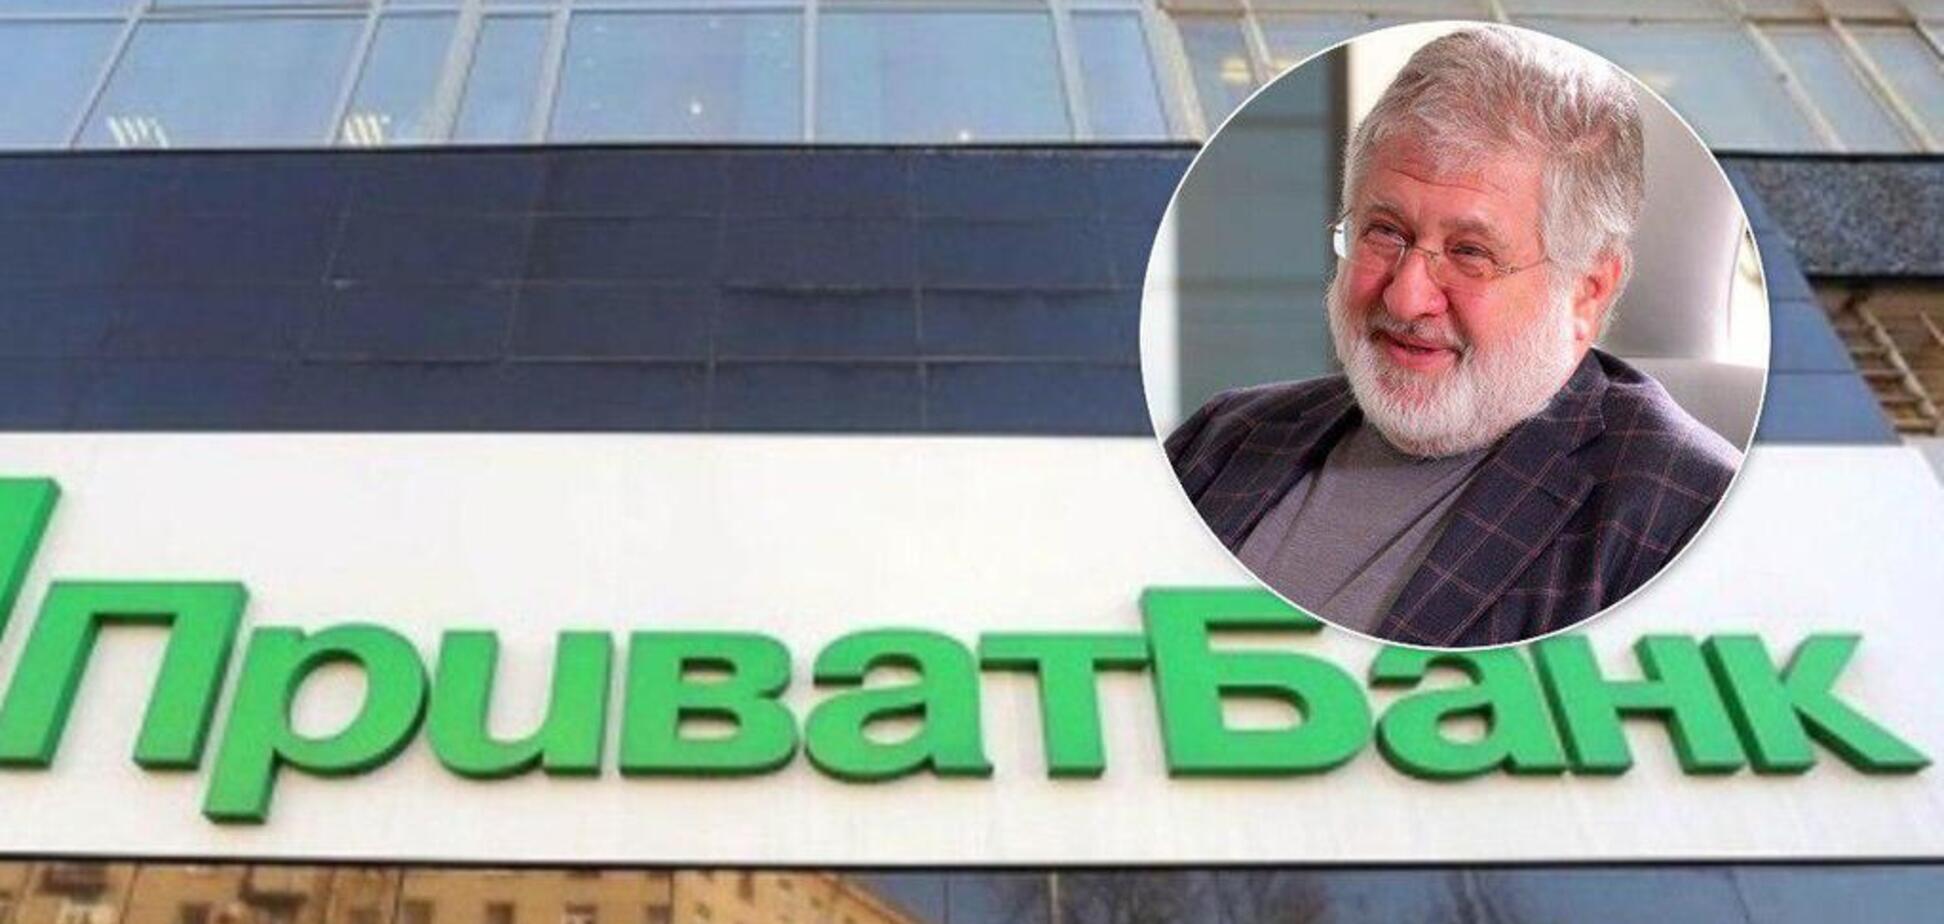 Суд визнав незаконною націоналізацію ПриватБанку: банк вжив рішучих заходів